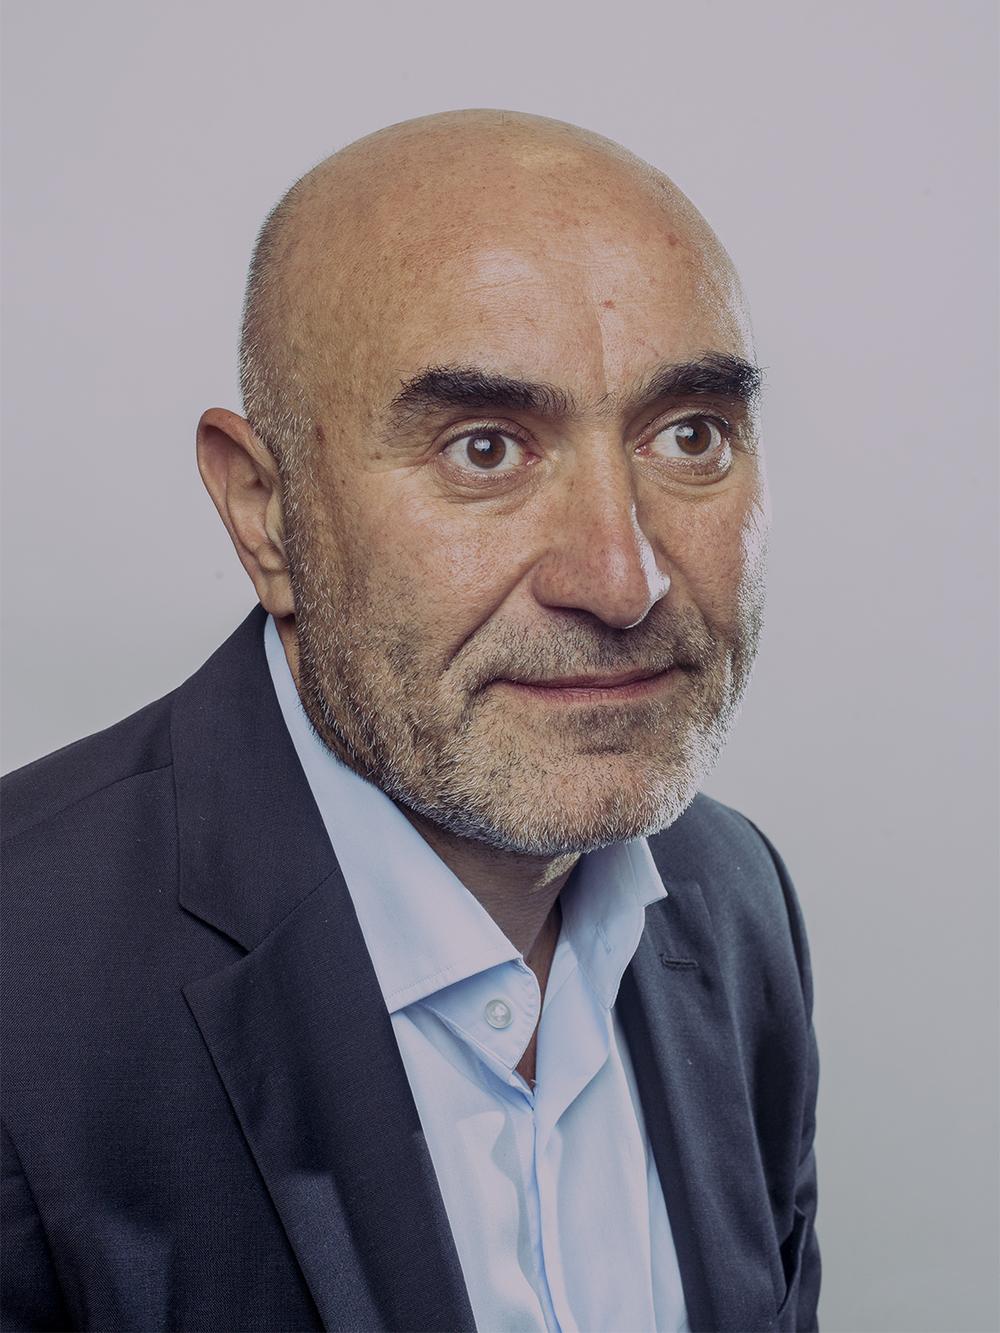 Souq.com founder and CEO Ronaldo Mouchawar for Inc. Arabia.